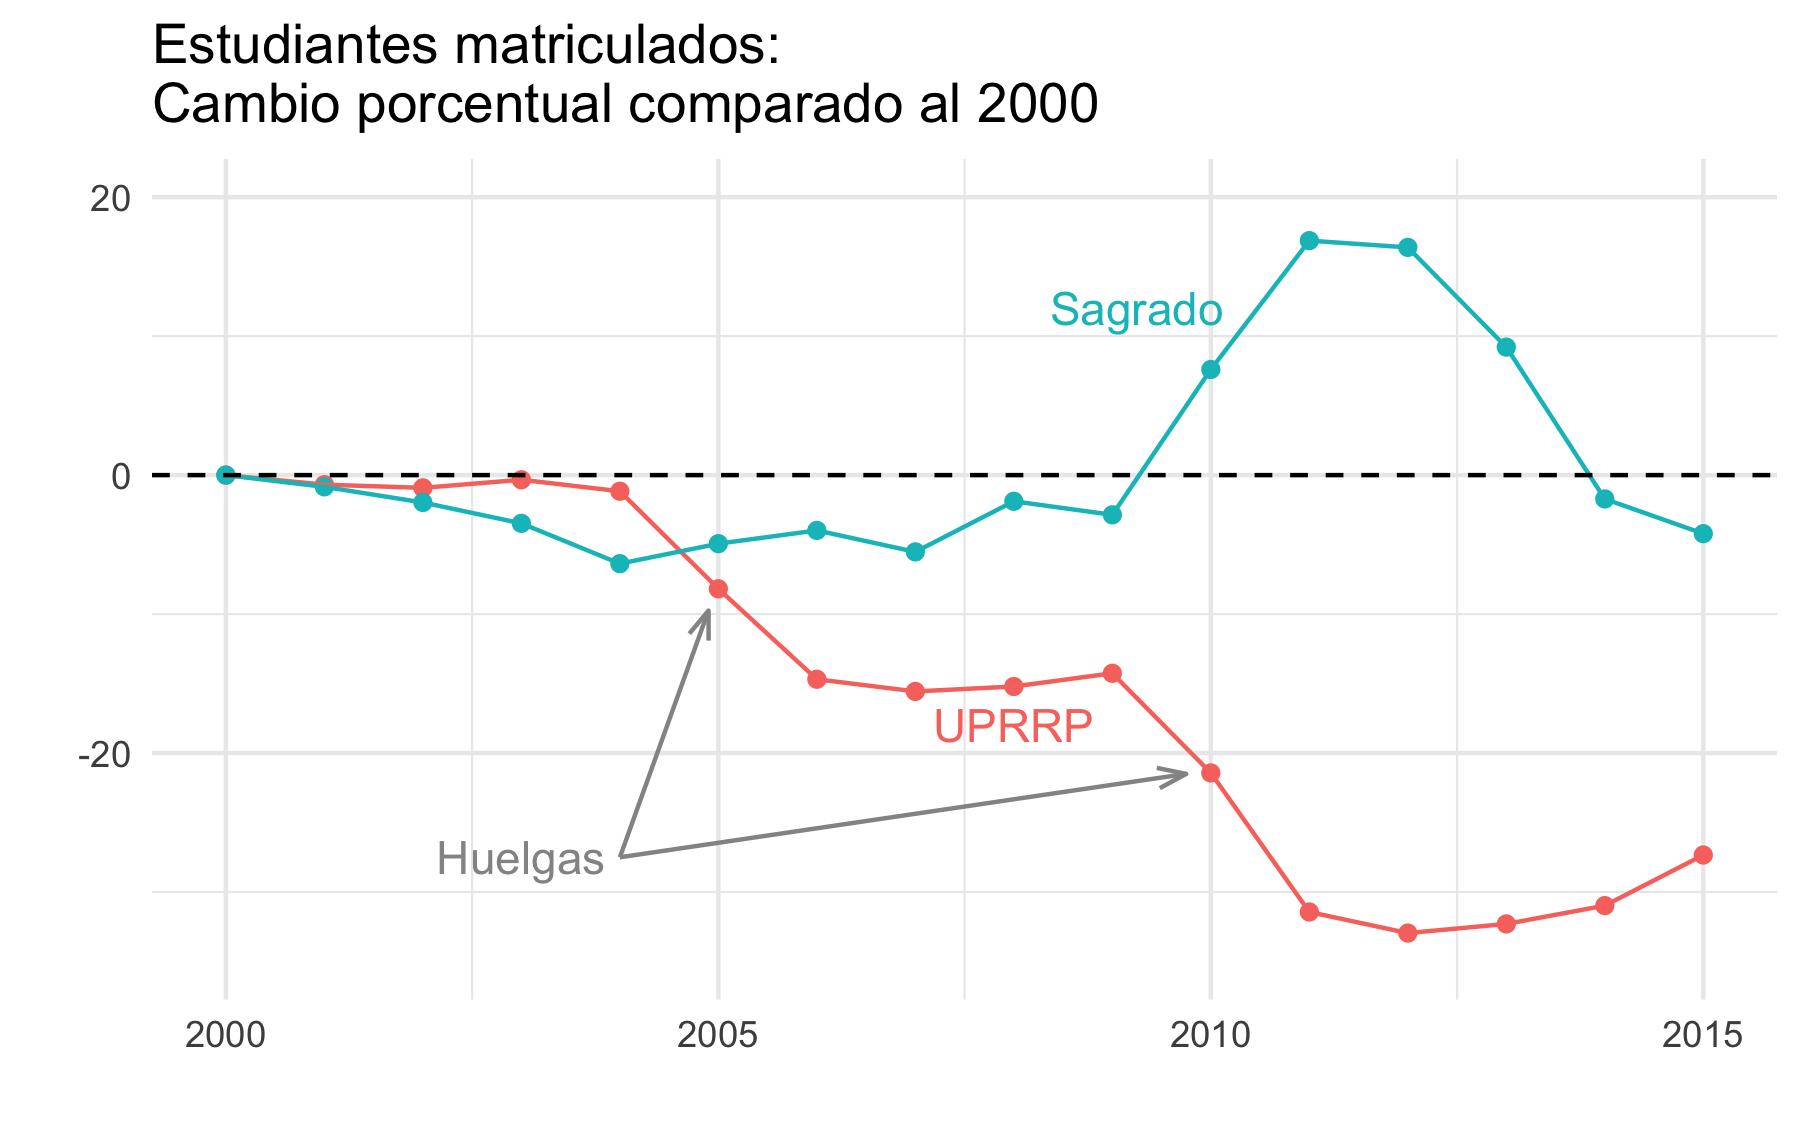 La matrícula, el costo del crédito y las huelgas en la UPR · Simply ...